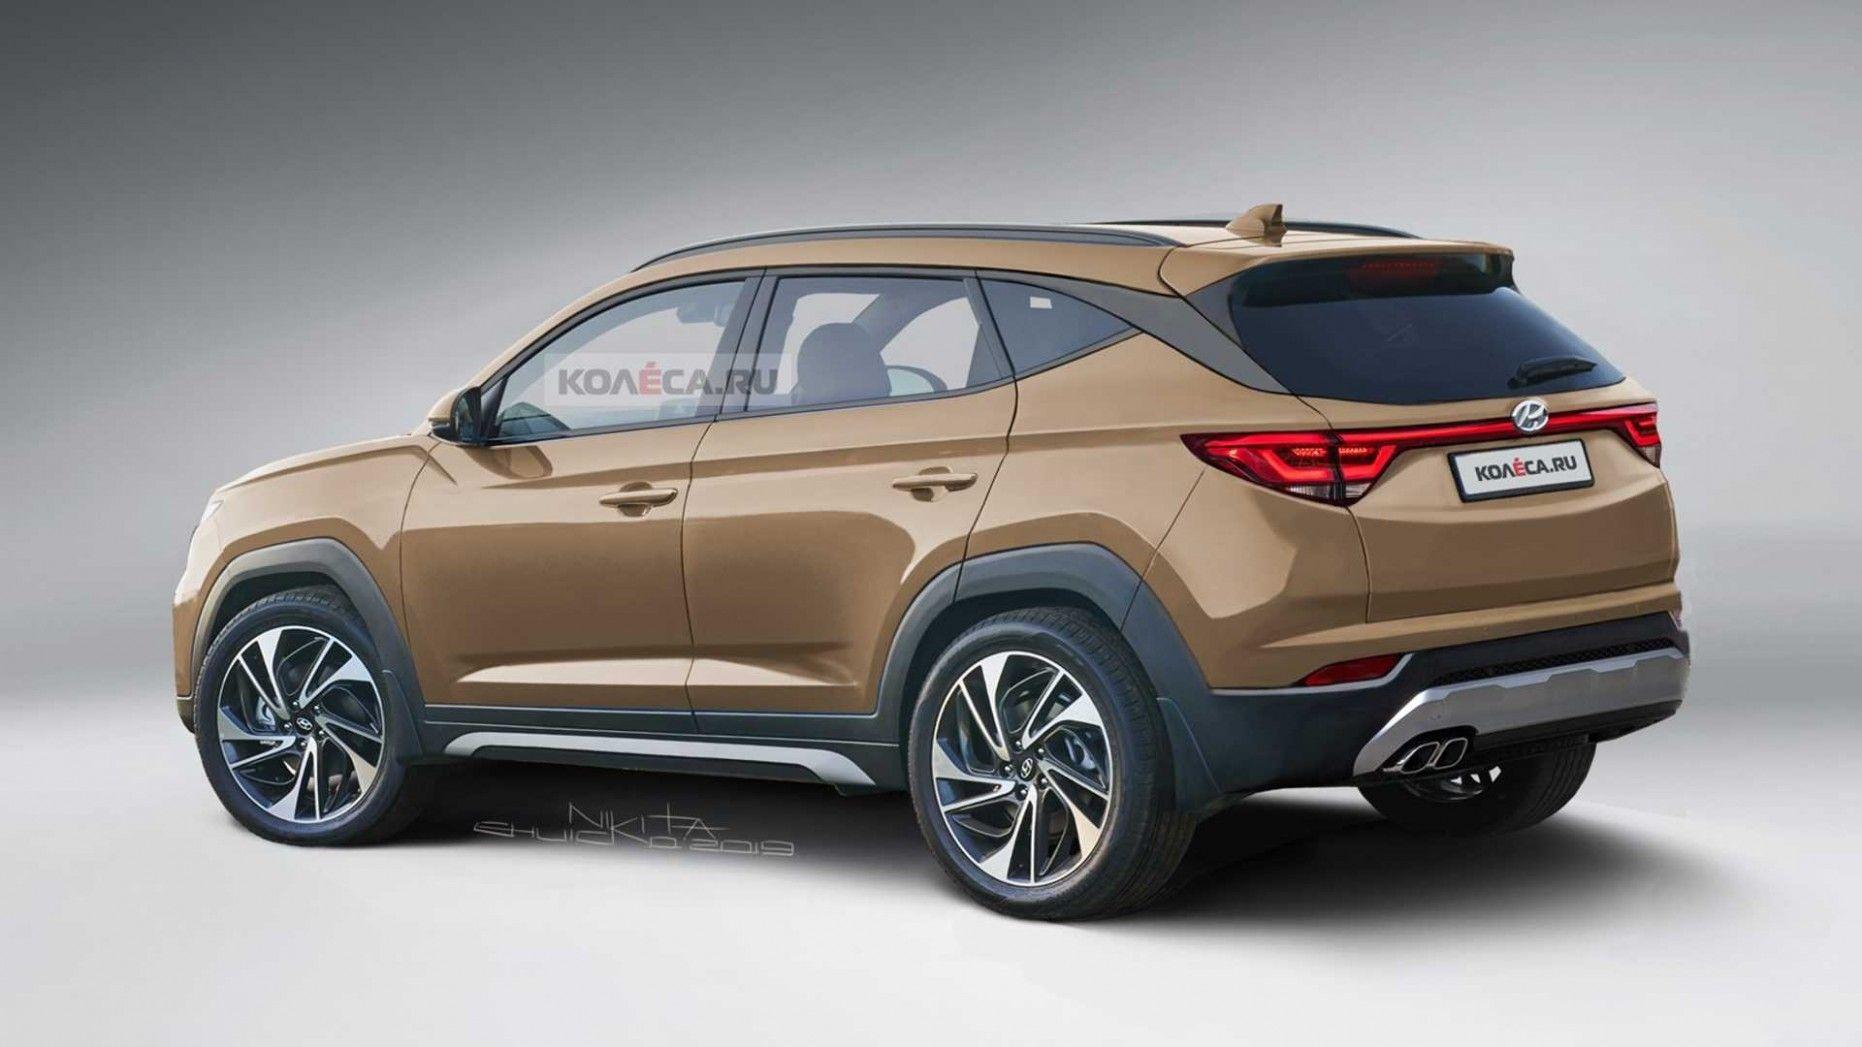 2021 Hyundai Tucson Spy Shoot In 2020 Hyundai Tucson Hyundai Cars Hyundai